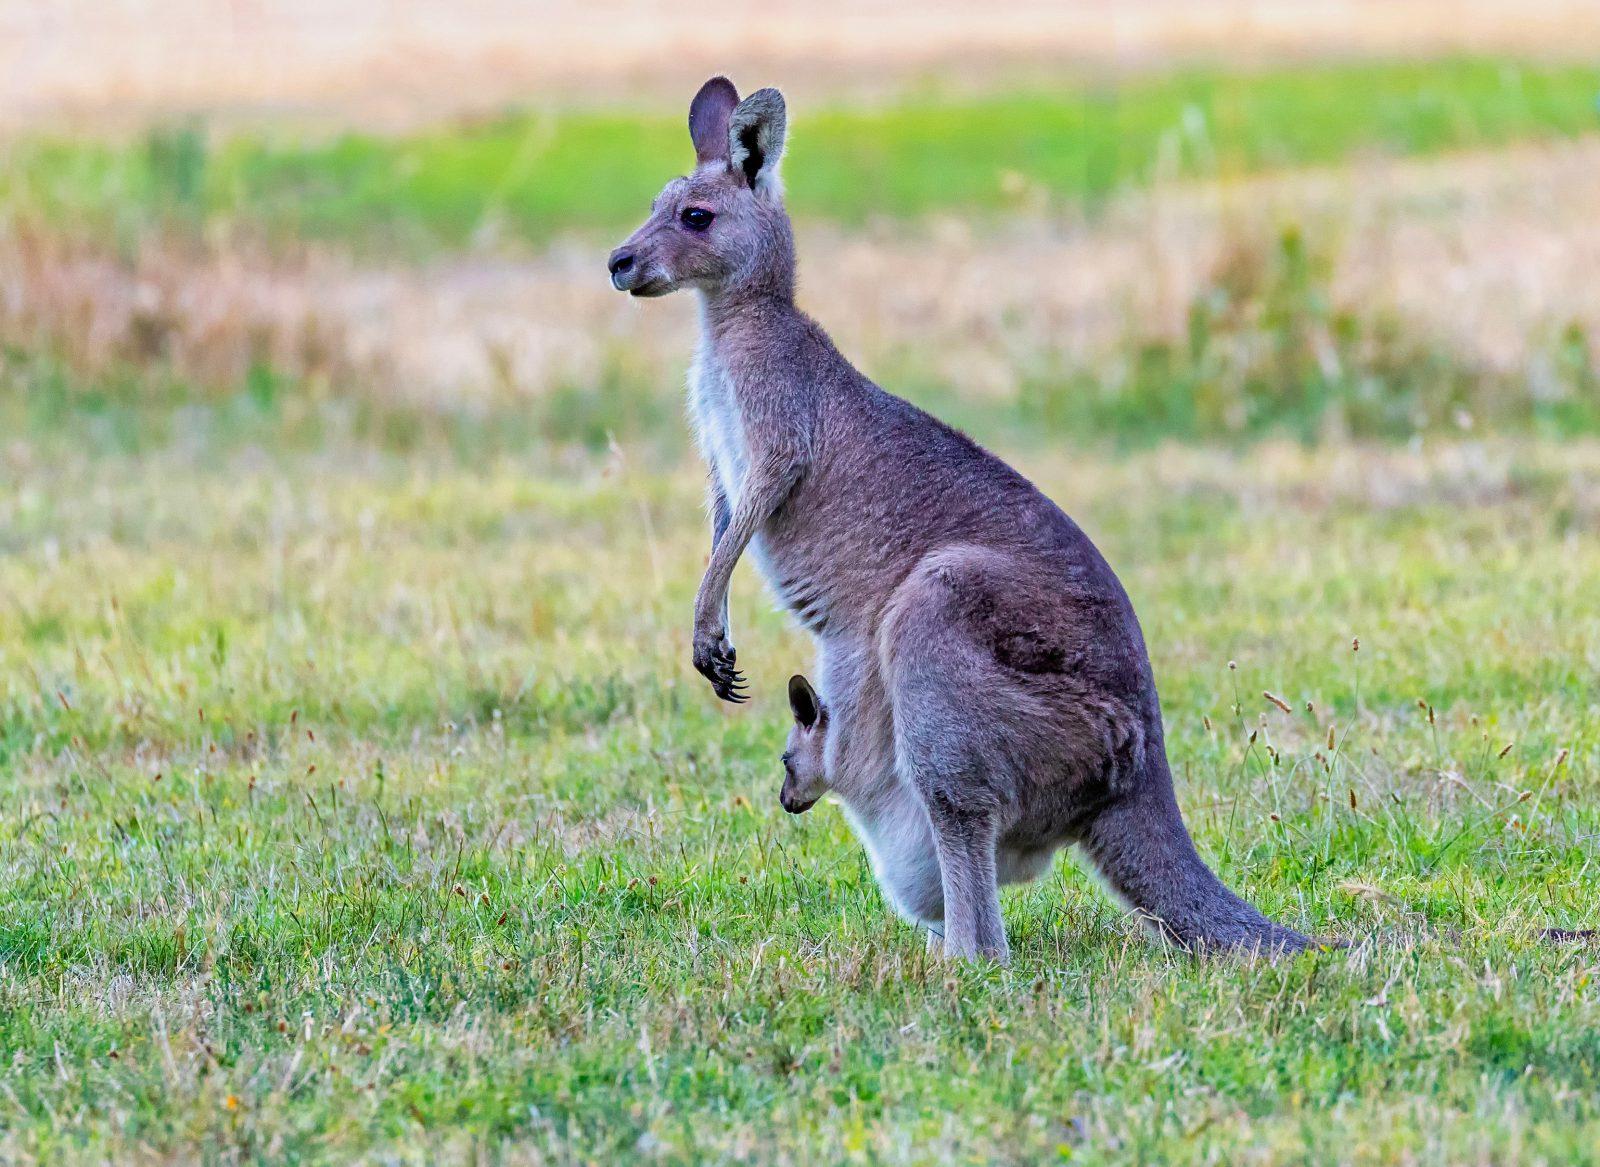 O canguru dá à luz afilhotes imaturos que completam seu desenvolvimento dentro da bolsa materna.